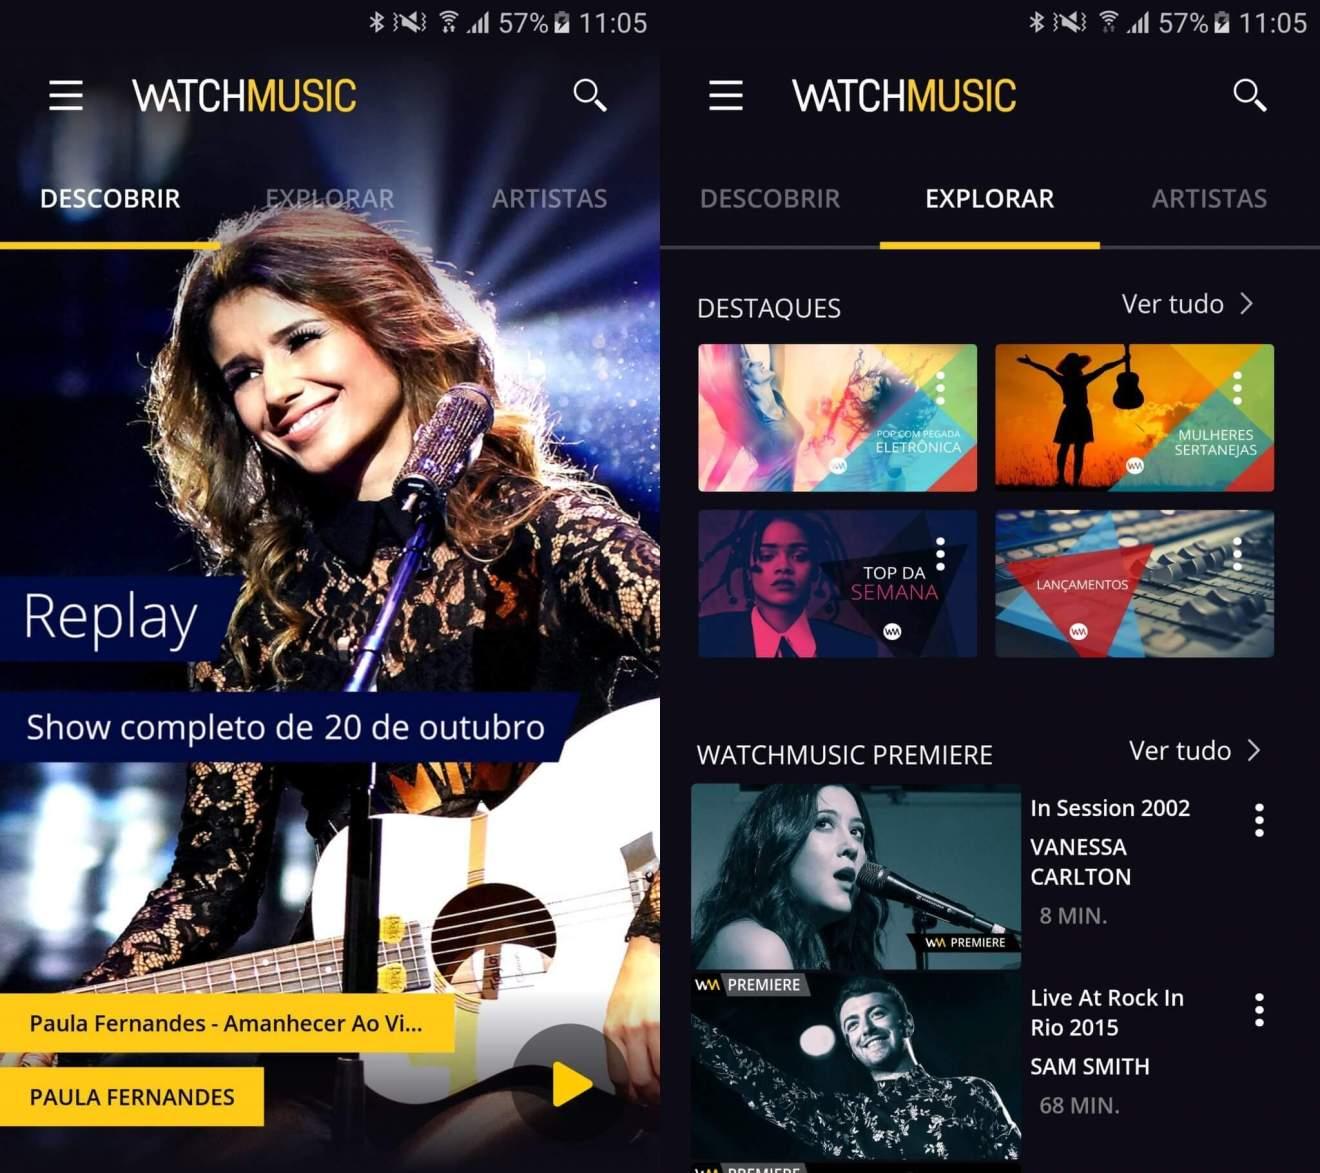 Untitled 1 2 - WatchMusic quer ser a MTV via streaming, com raizes na Vivo